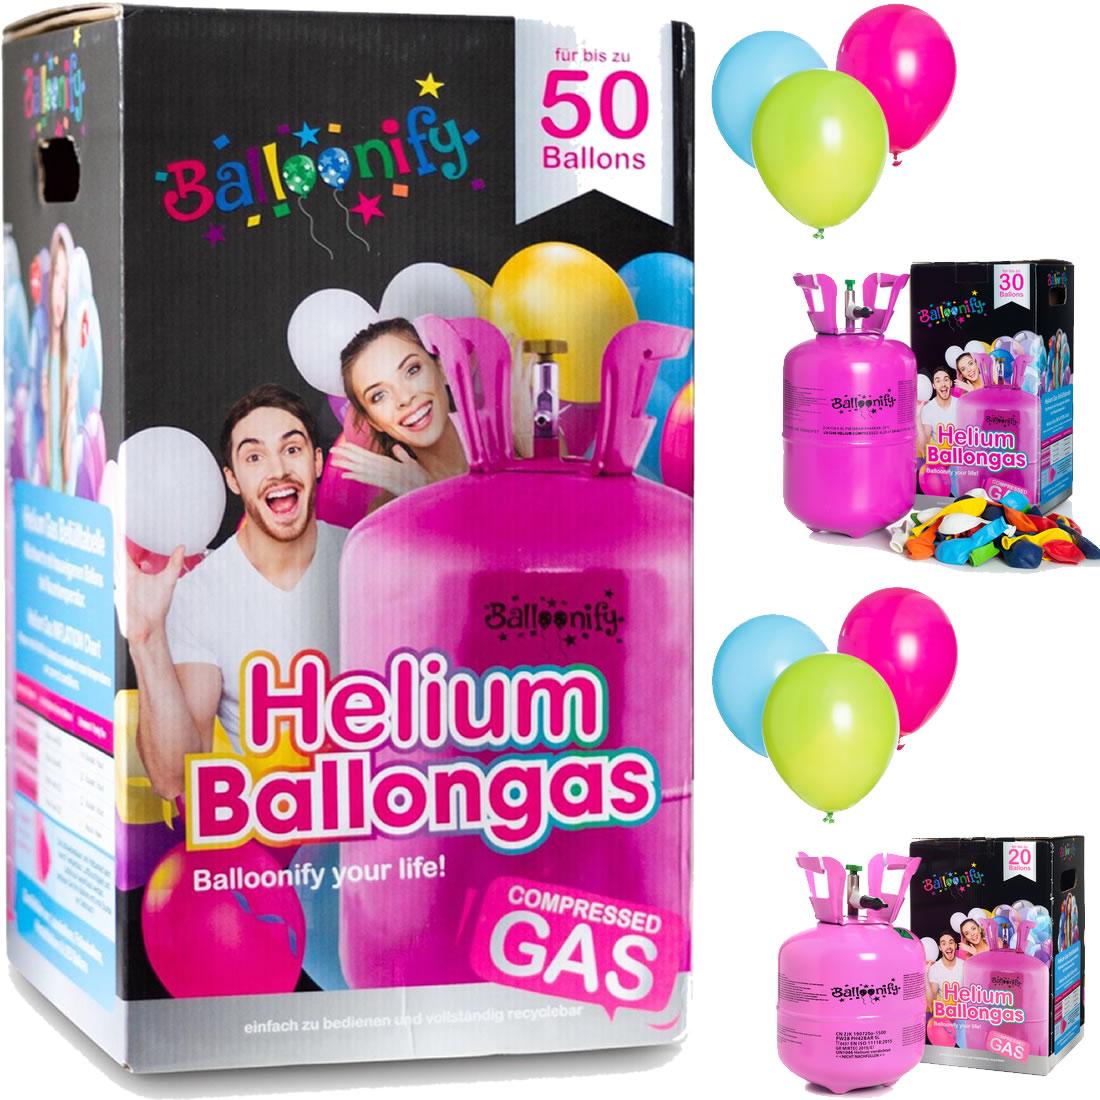 Helium/Ballongas und Zubehör